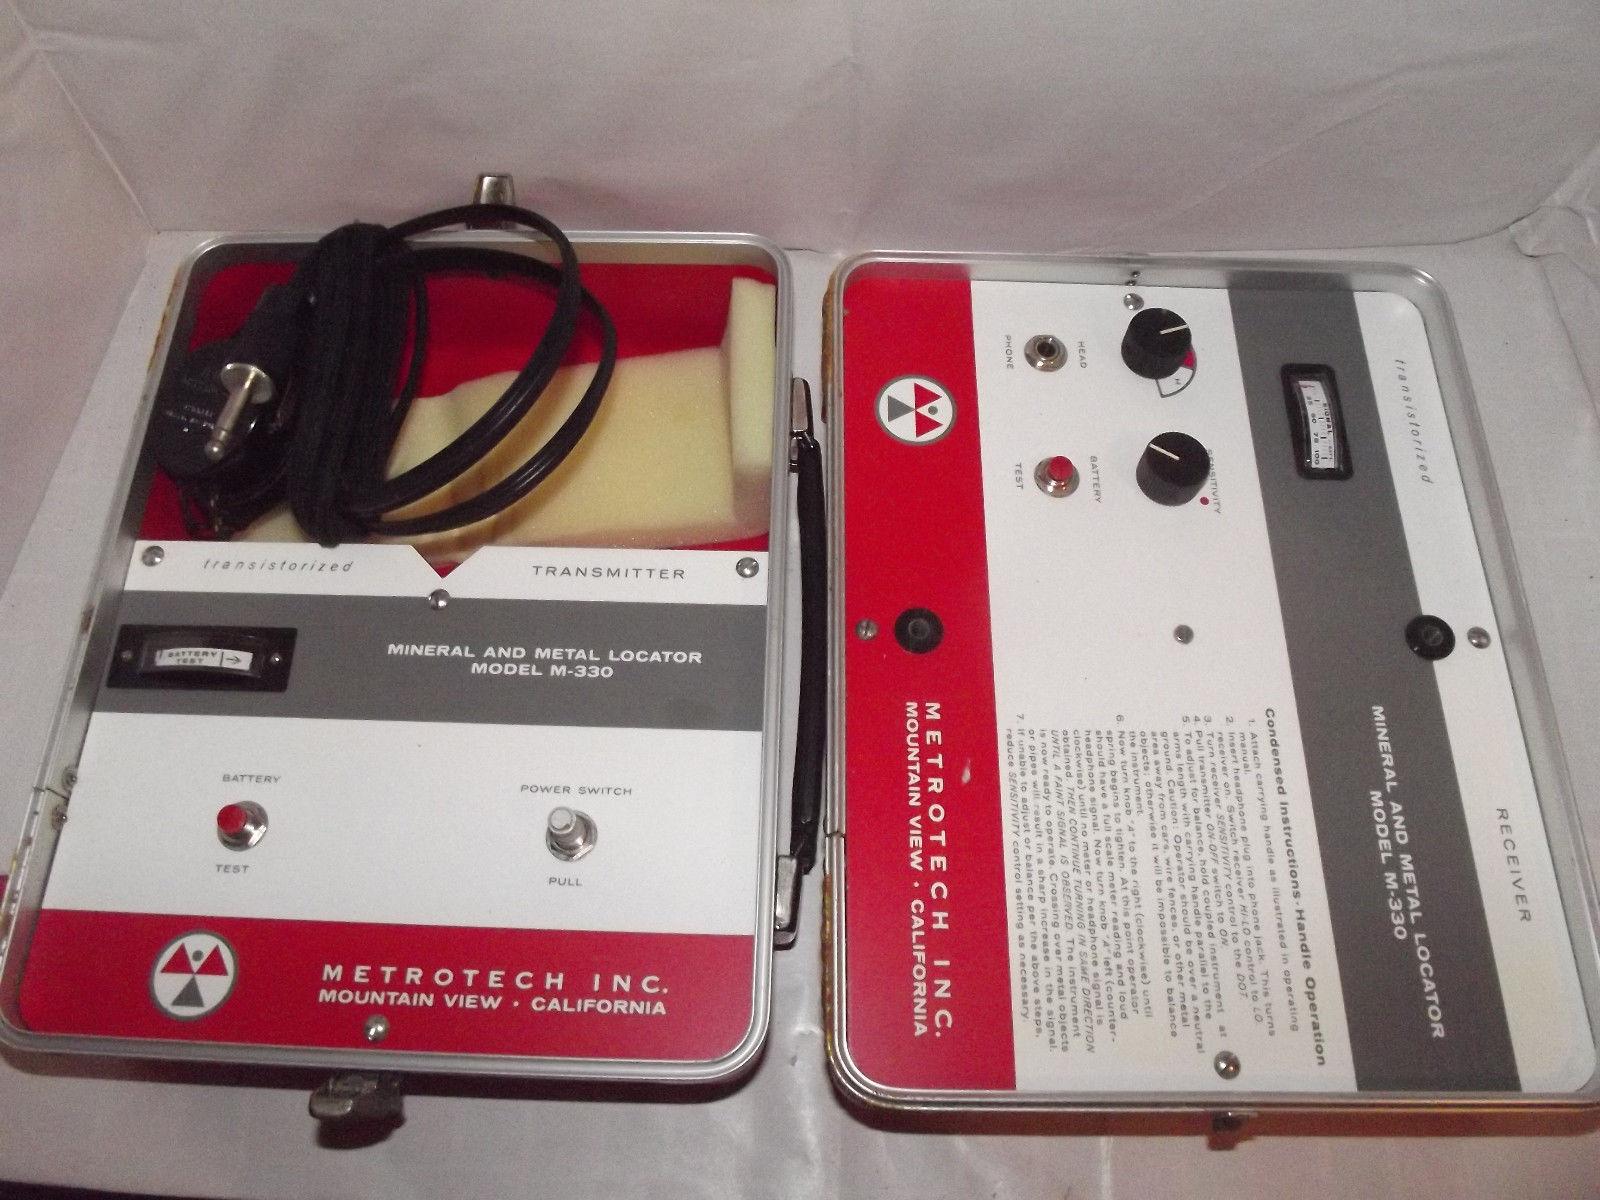 GOLDAK METAL DETECTORS,  aun se fabrican como el usado por vicente contreras - Página 2 2cd198a22e8fe7e1e083877c3988b37ao